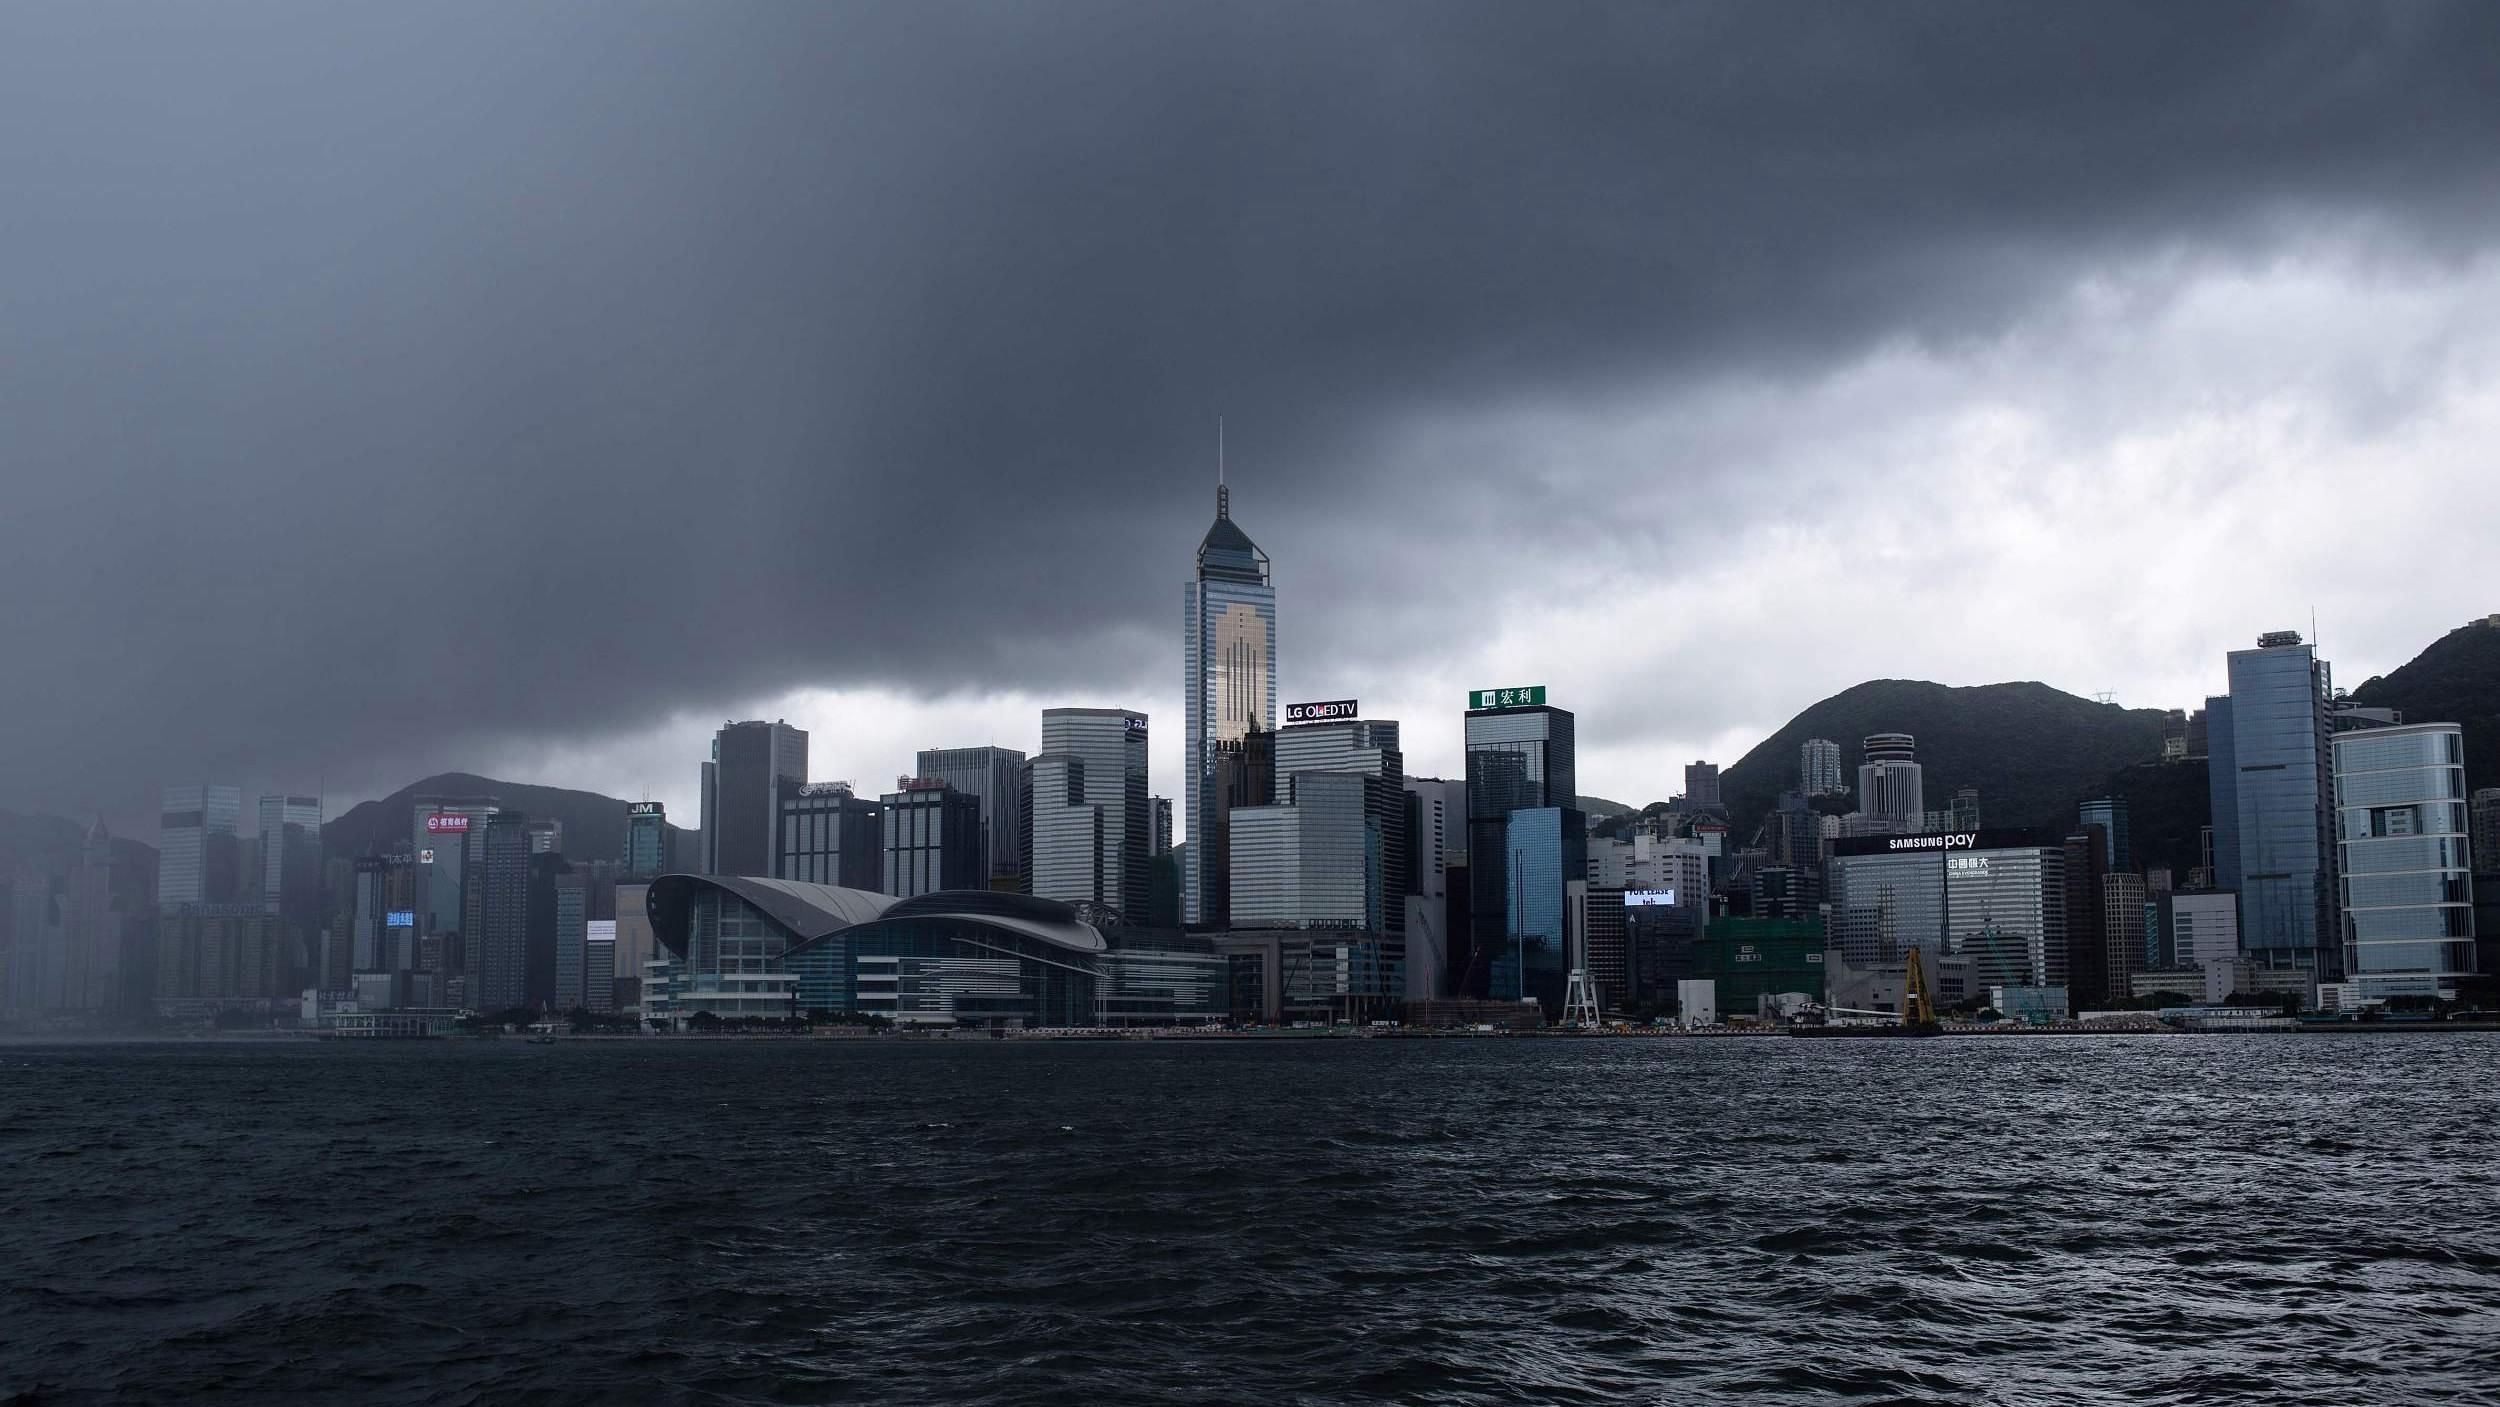 Hong Kong police arrest 748 violent protesters since June 9